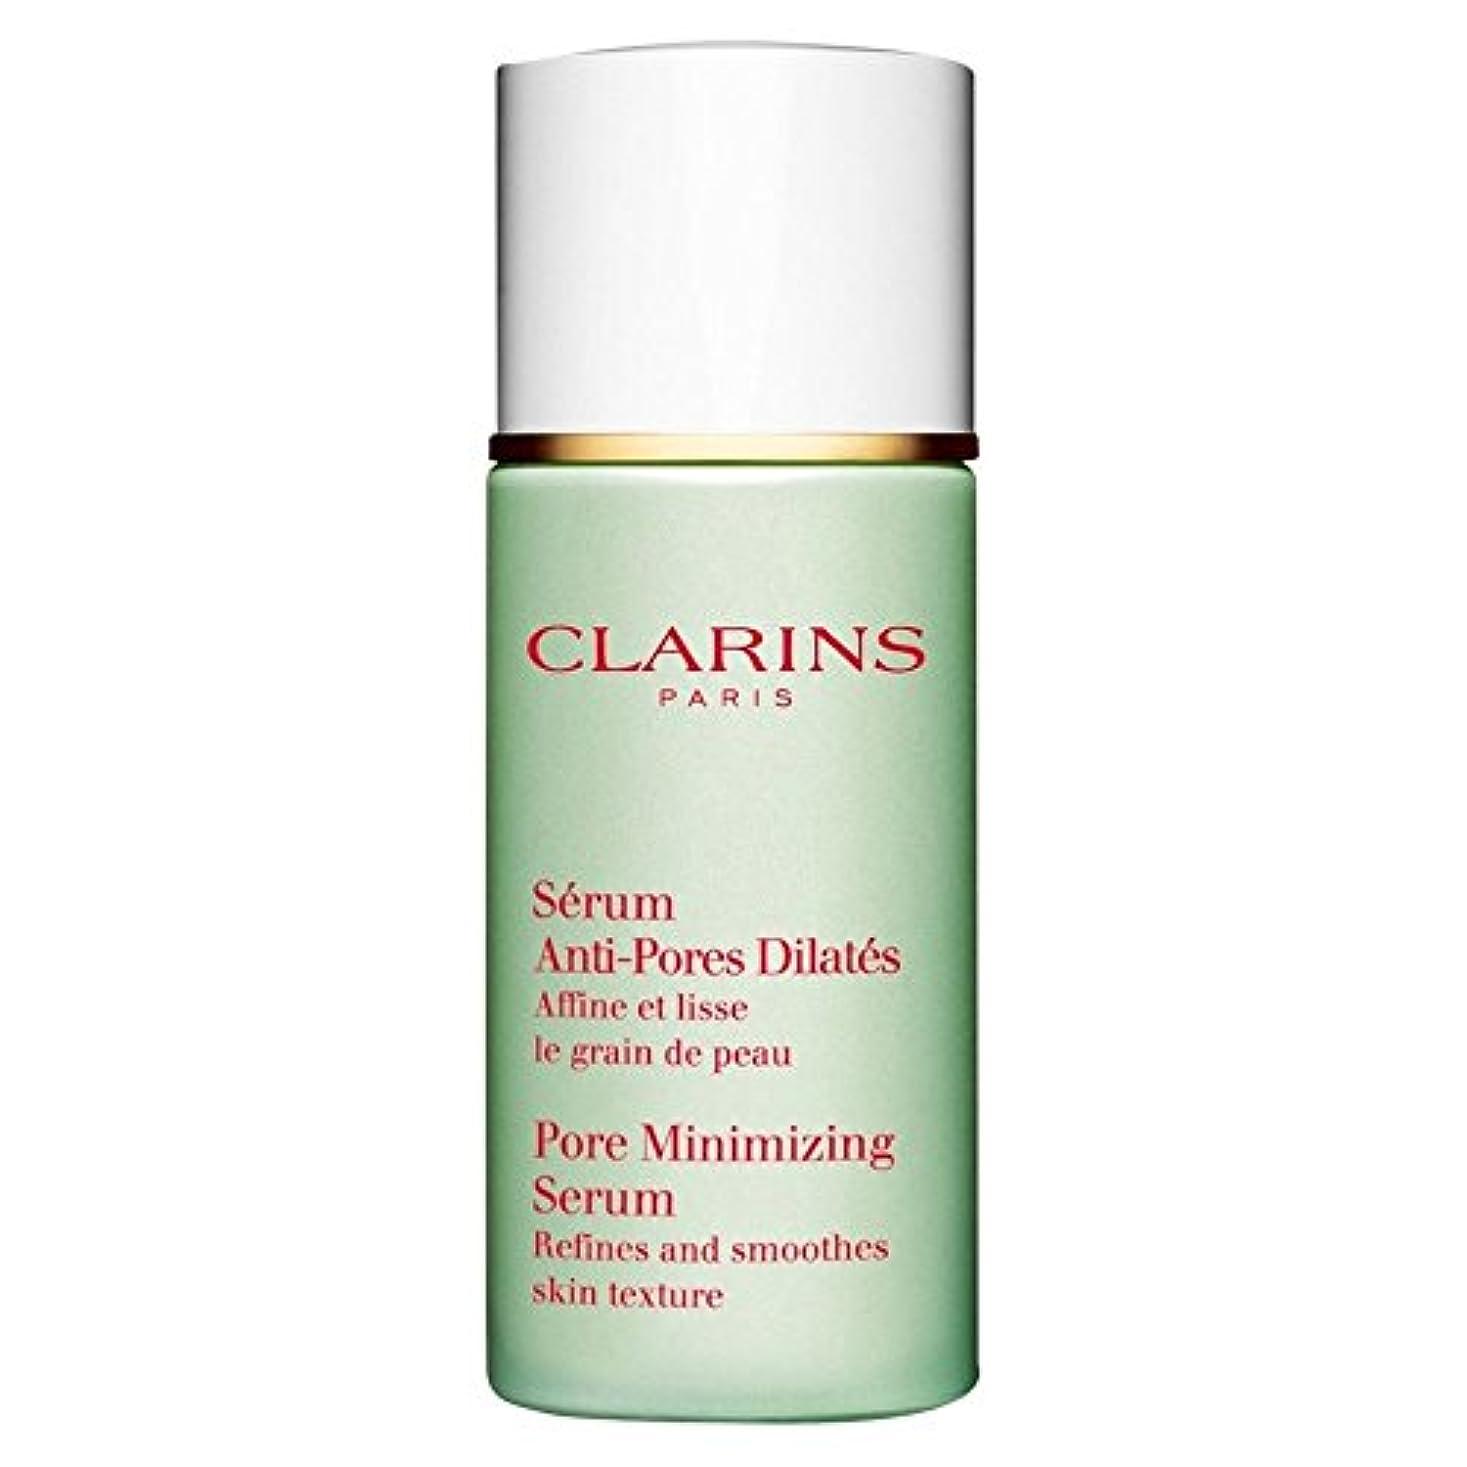 業界楽しむエンコミウム[JL] クラランスは、血清を最小限に抑え、細孔 - Clarins Pore Minimizing Serum [並行輸入品]